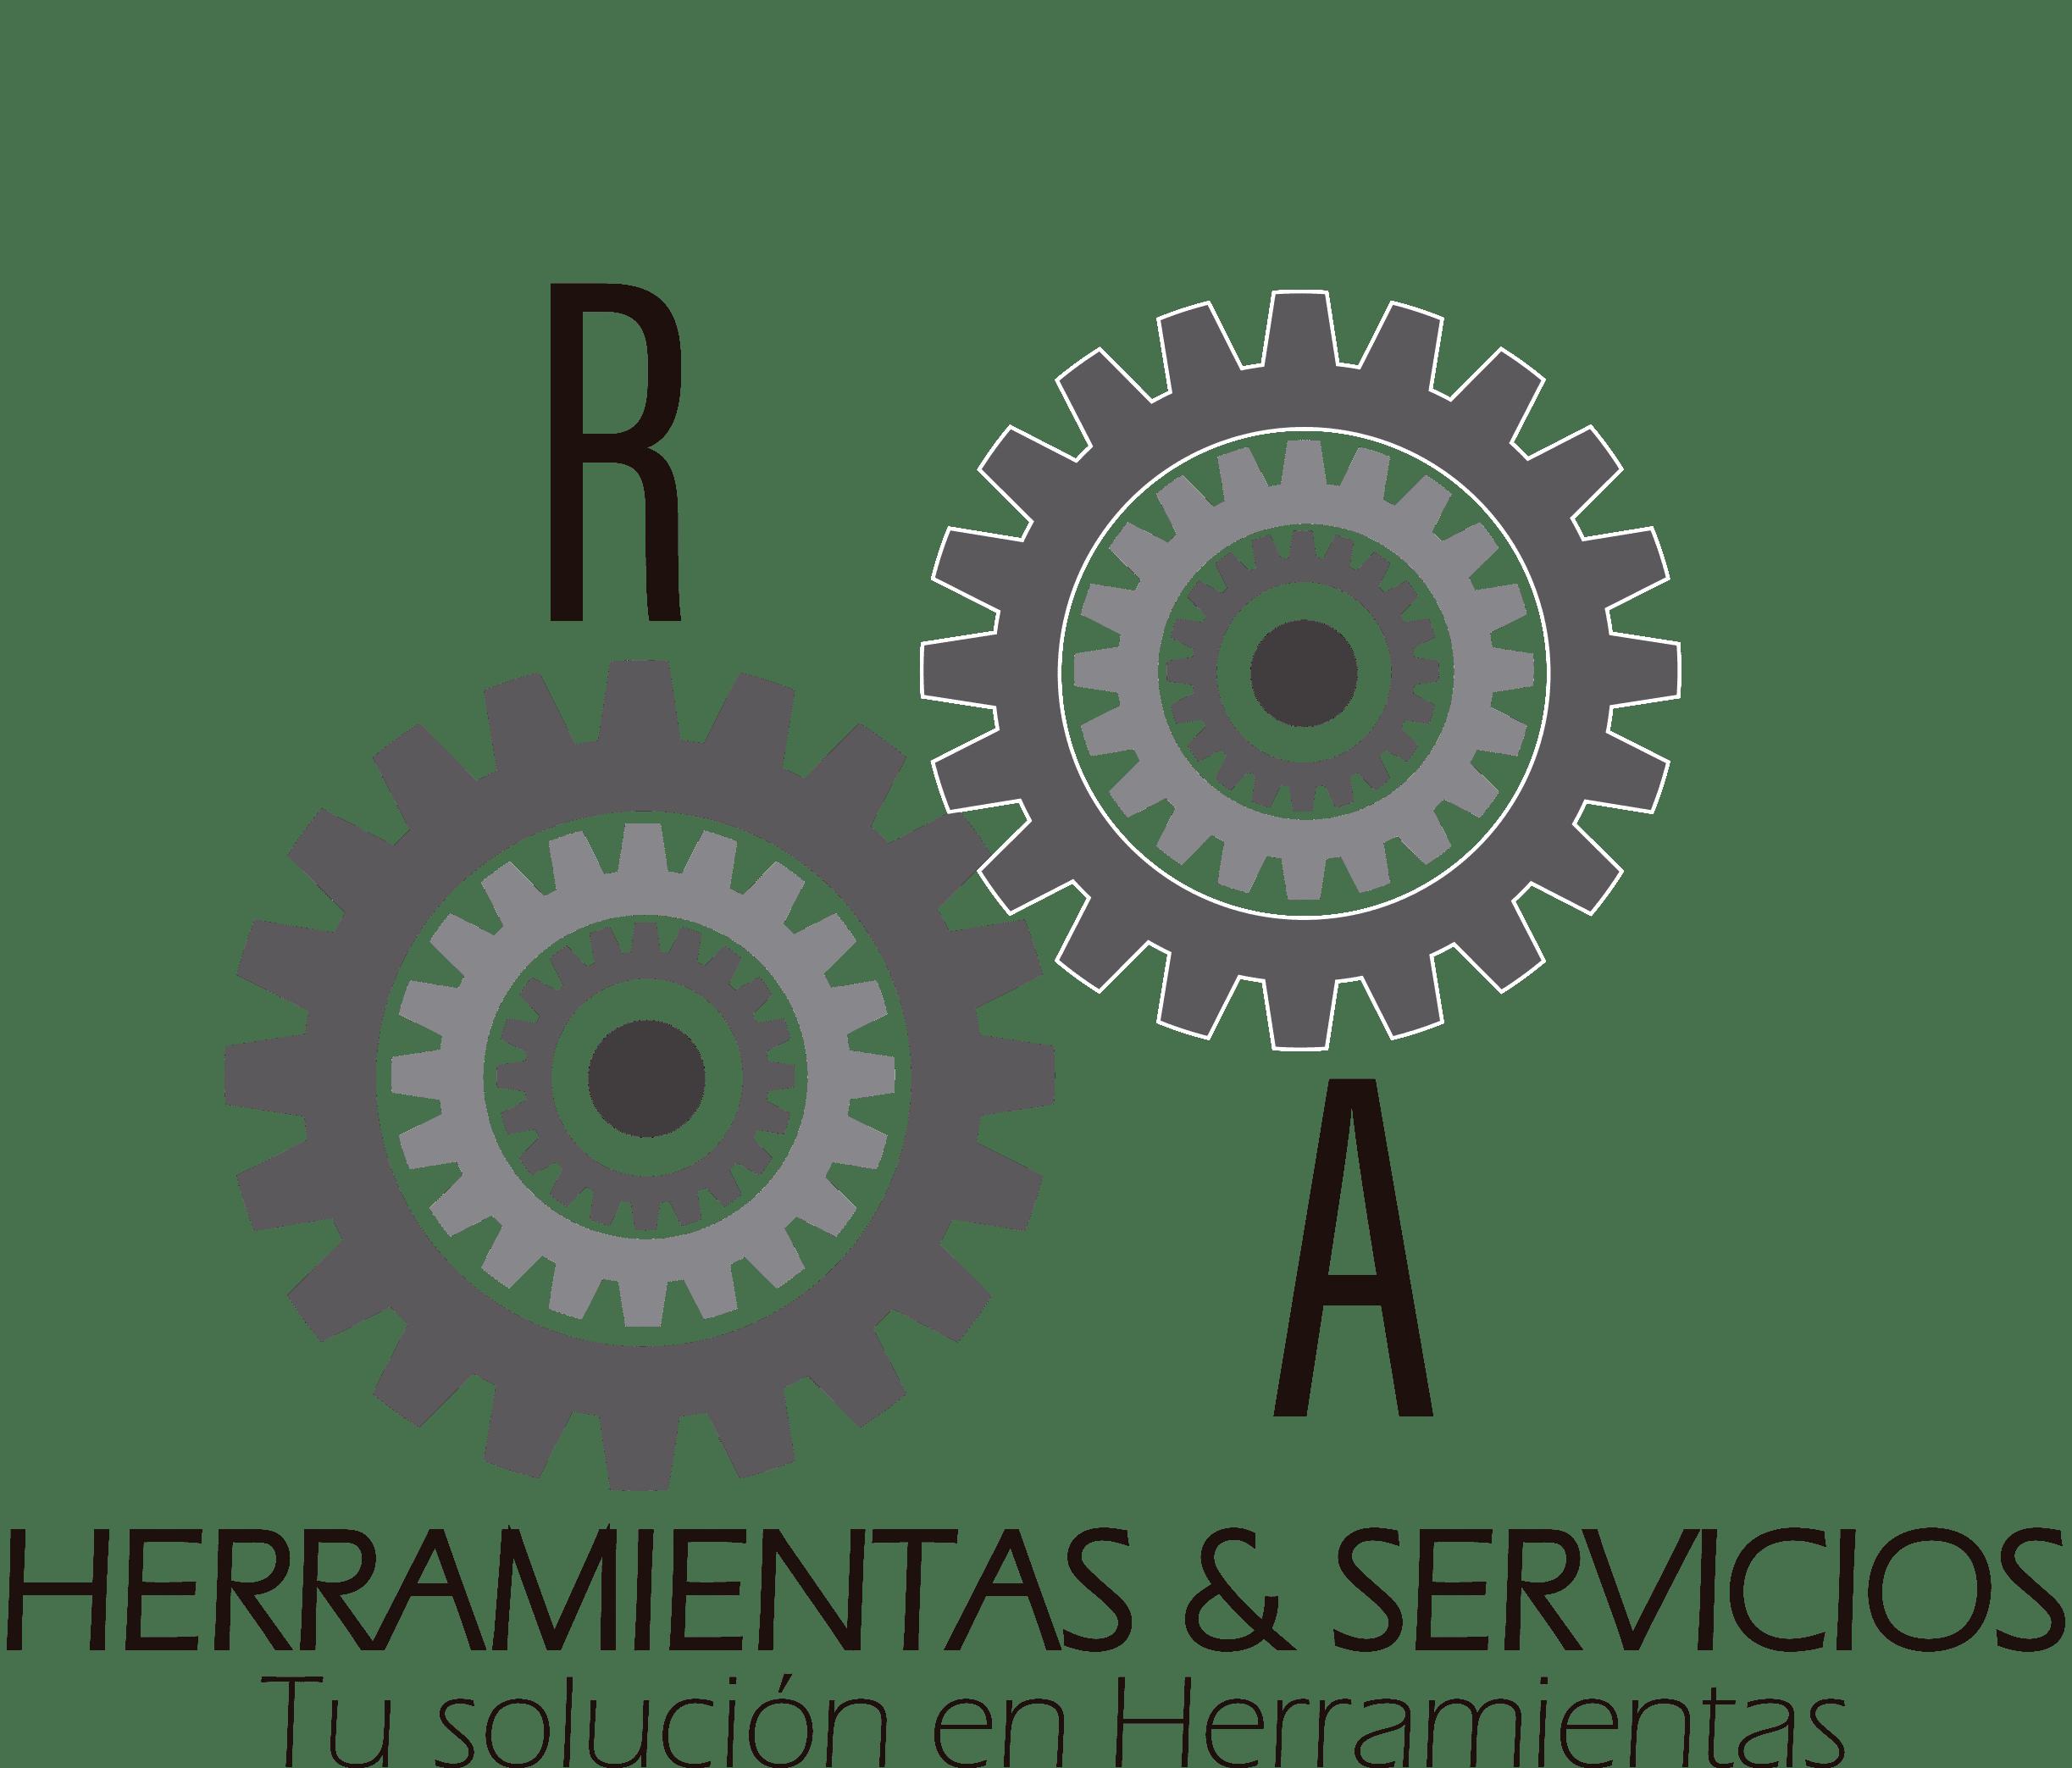 Herramientas y Servicios RA